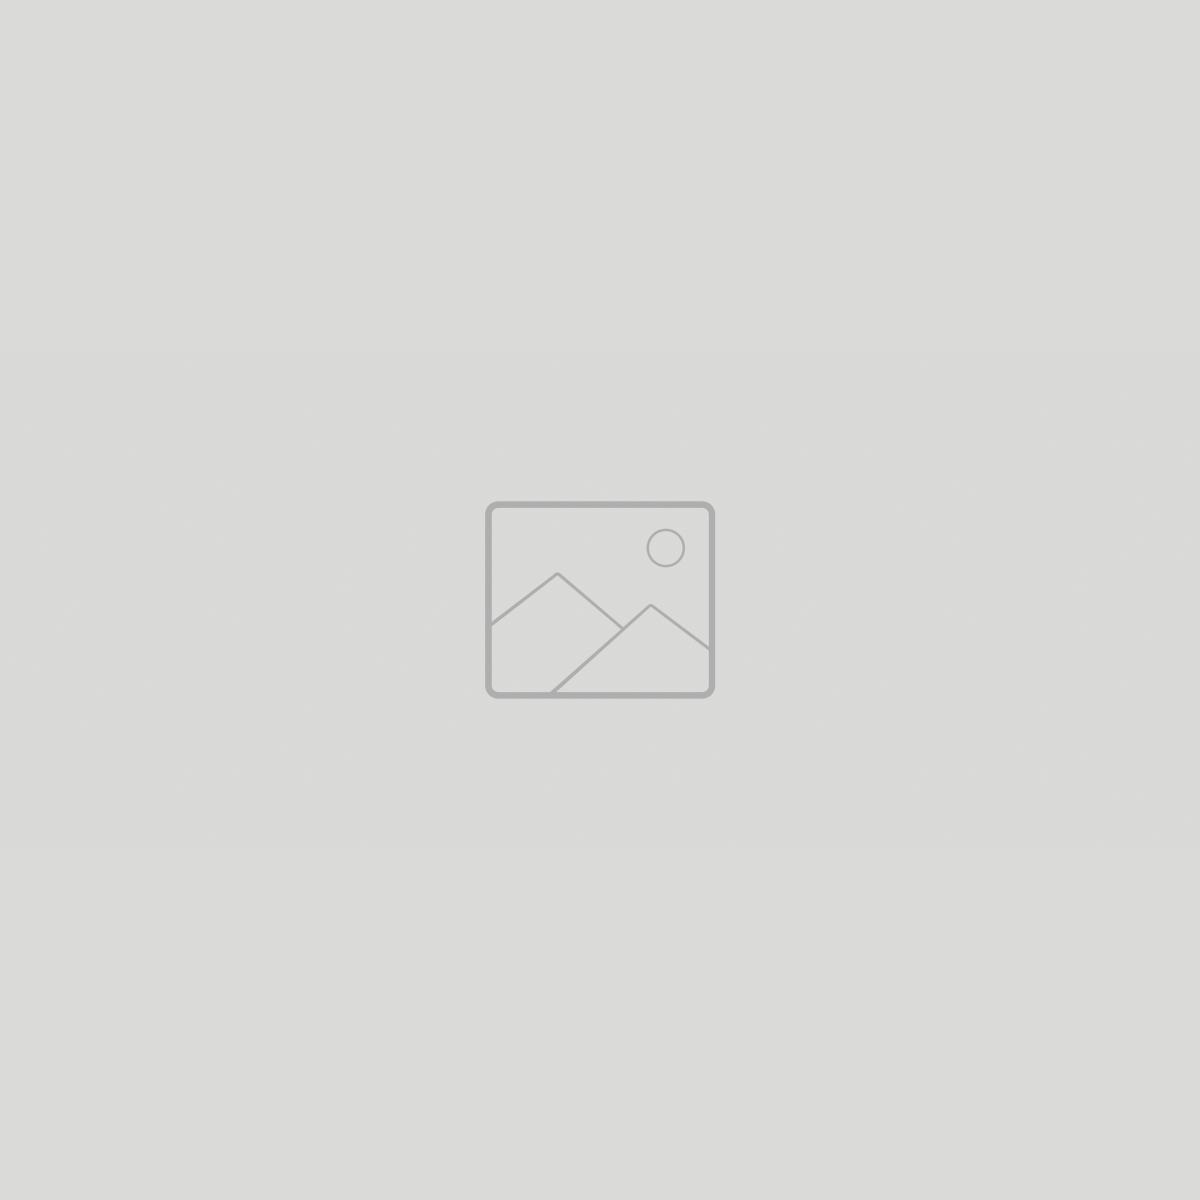 براغي أورجينال لهواتف سامسونج 1.4x3.0mm (100 برغي)